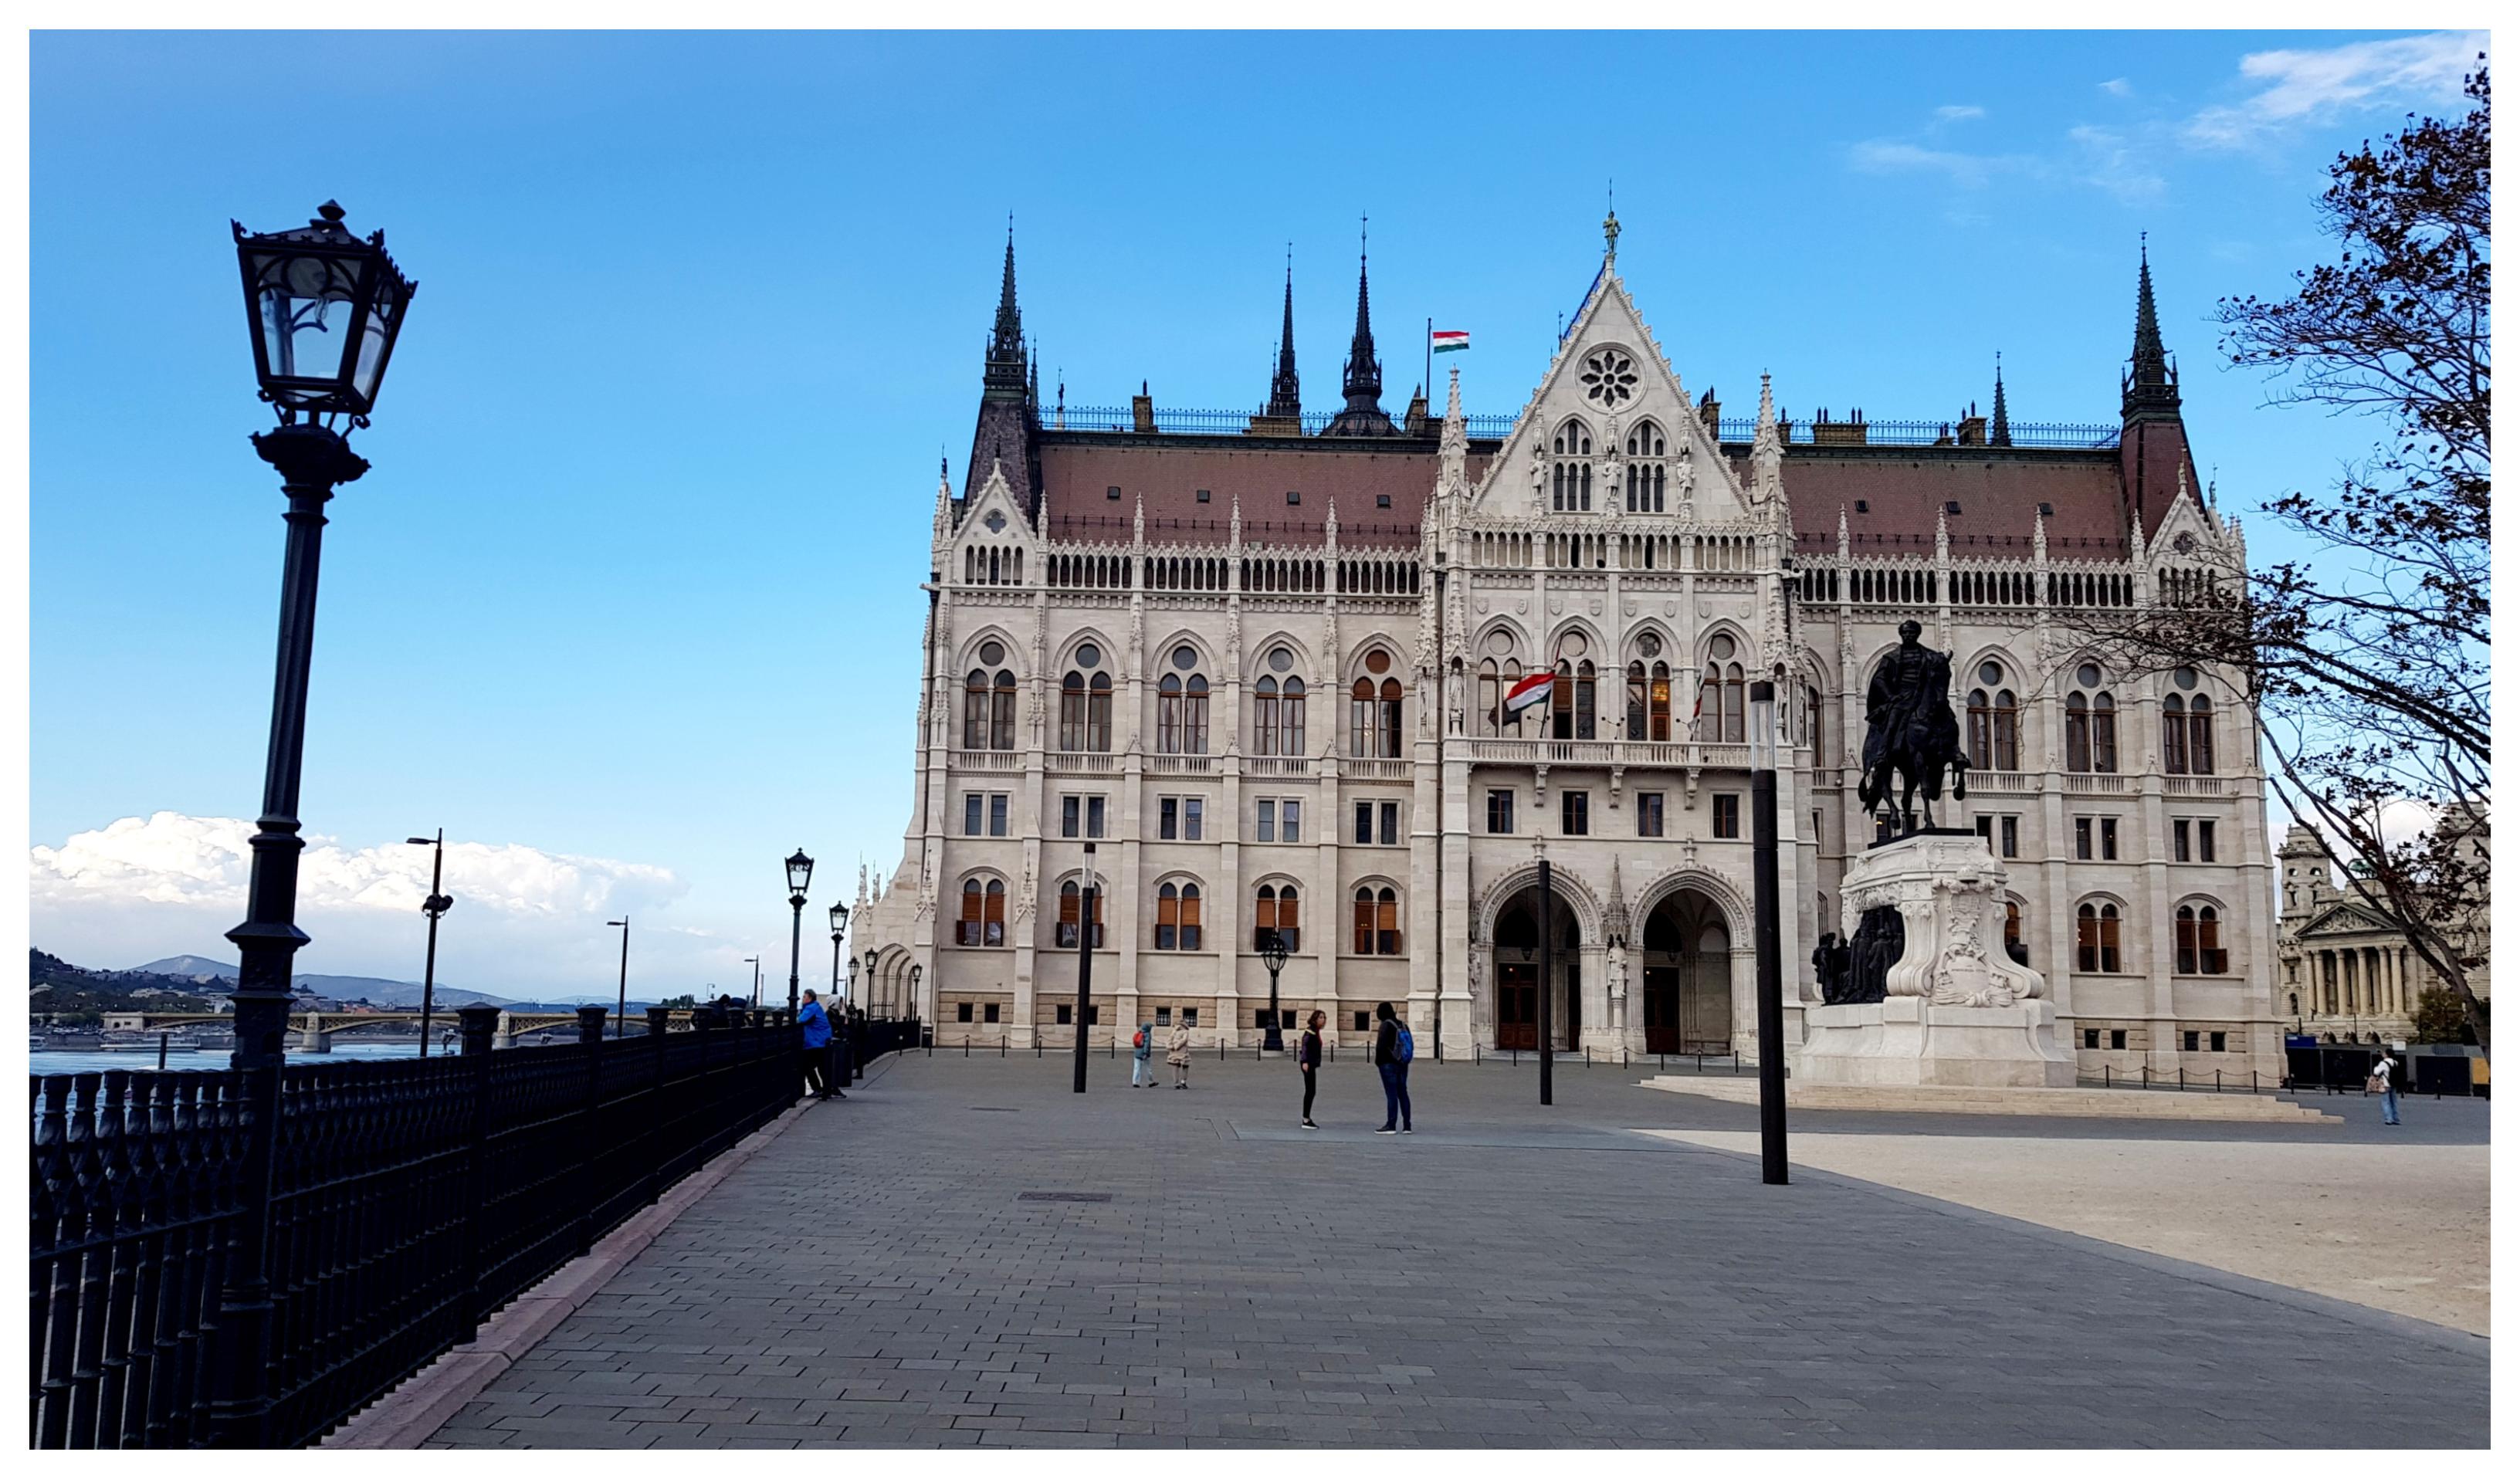 budapest-parlement-hongrois-danube